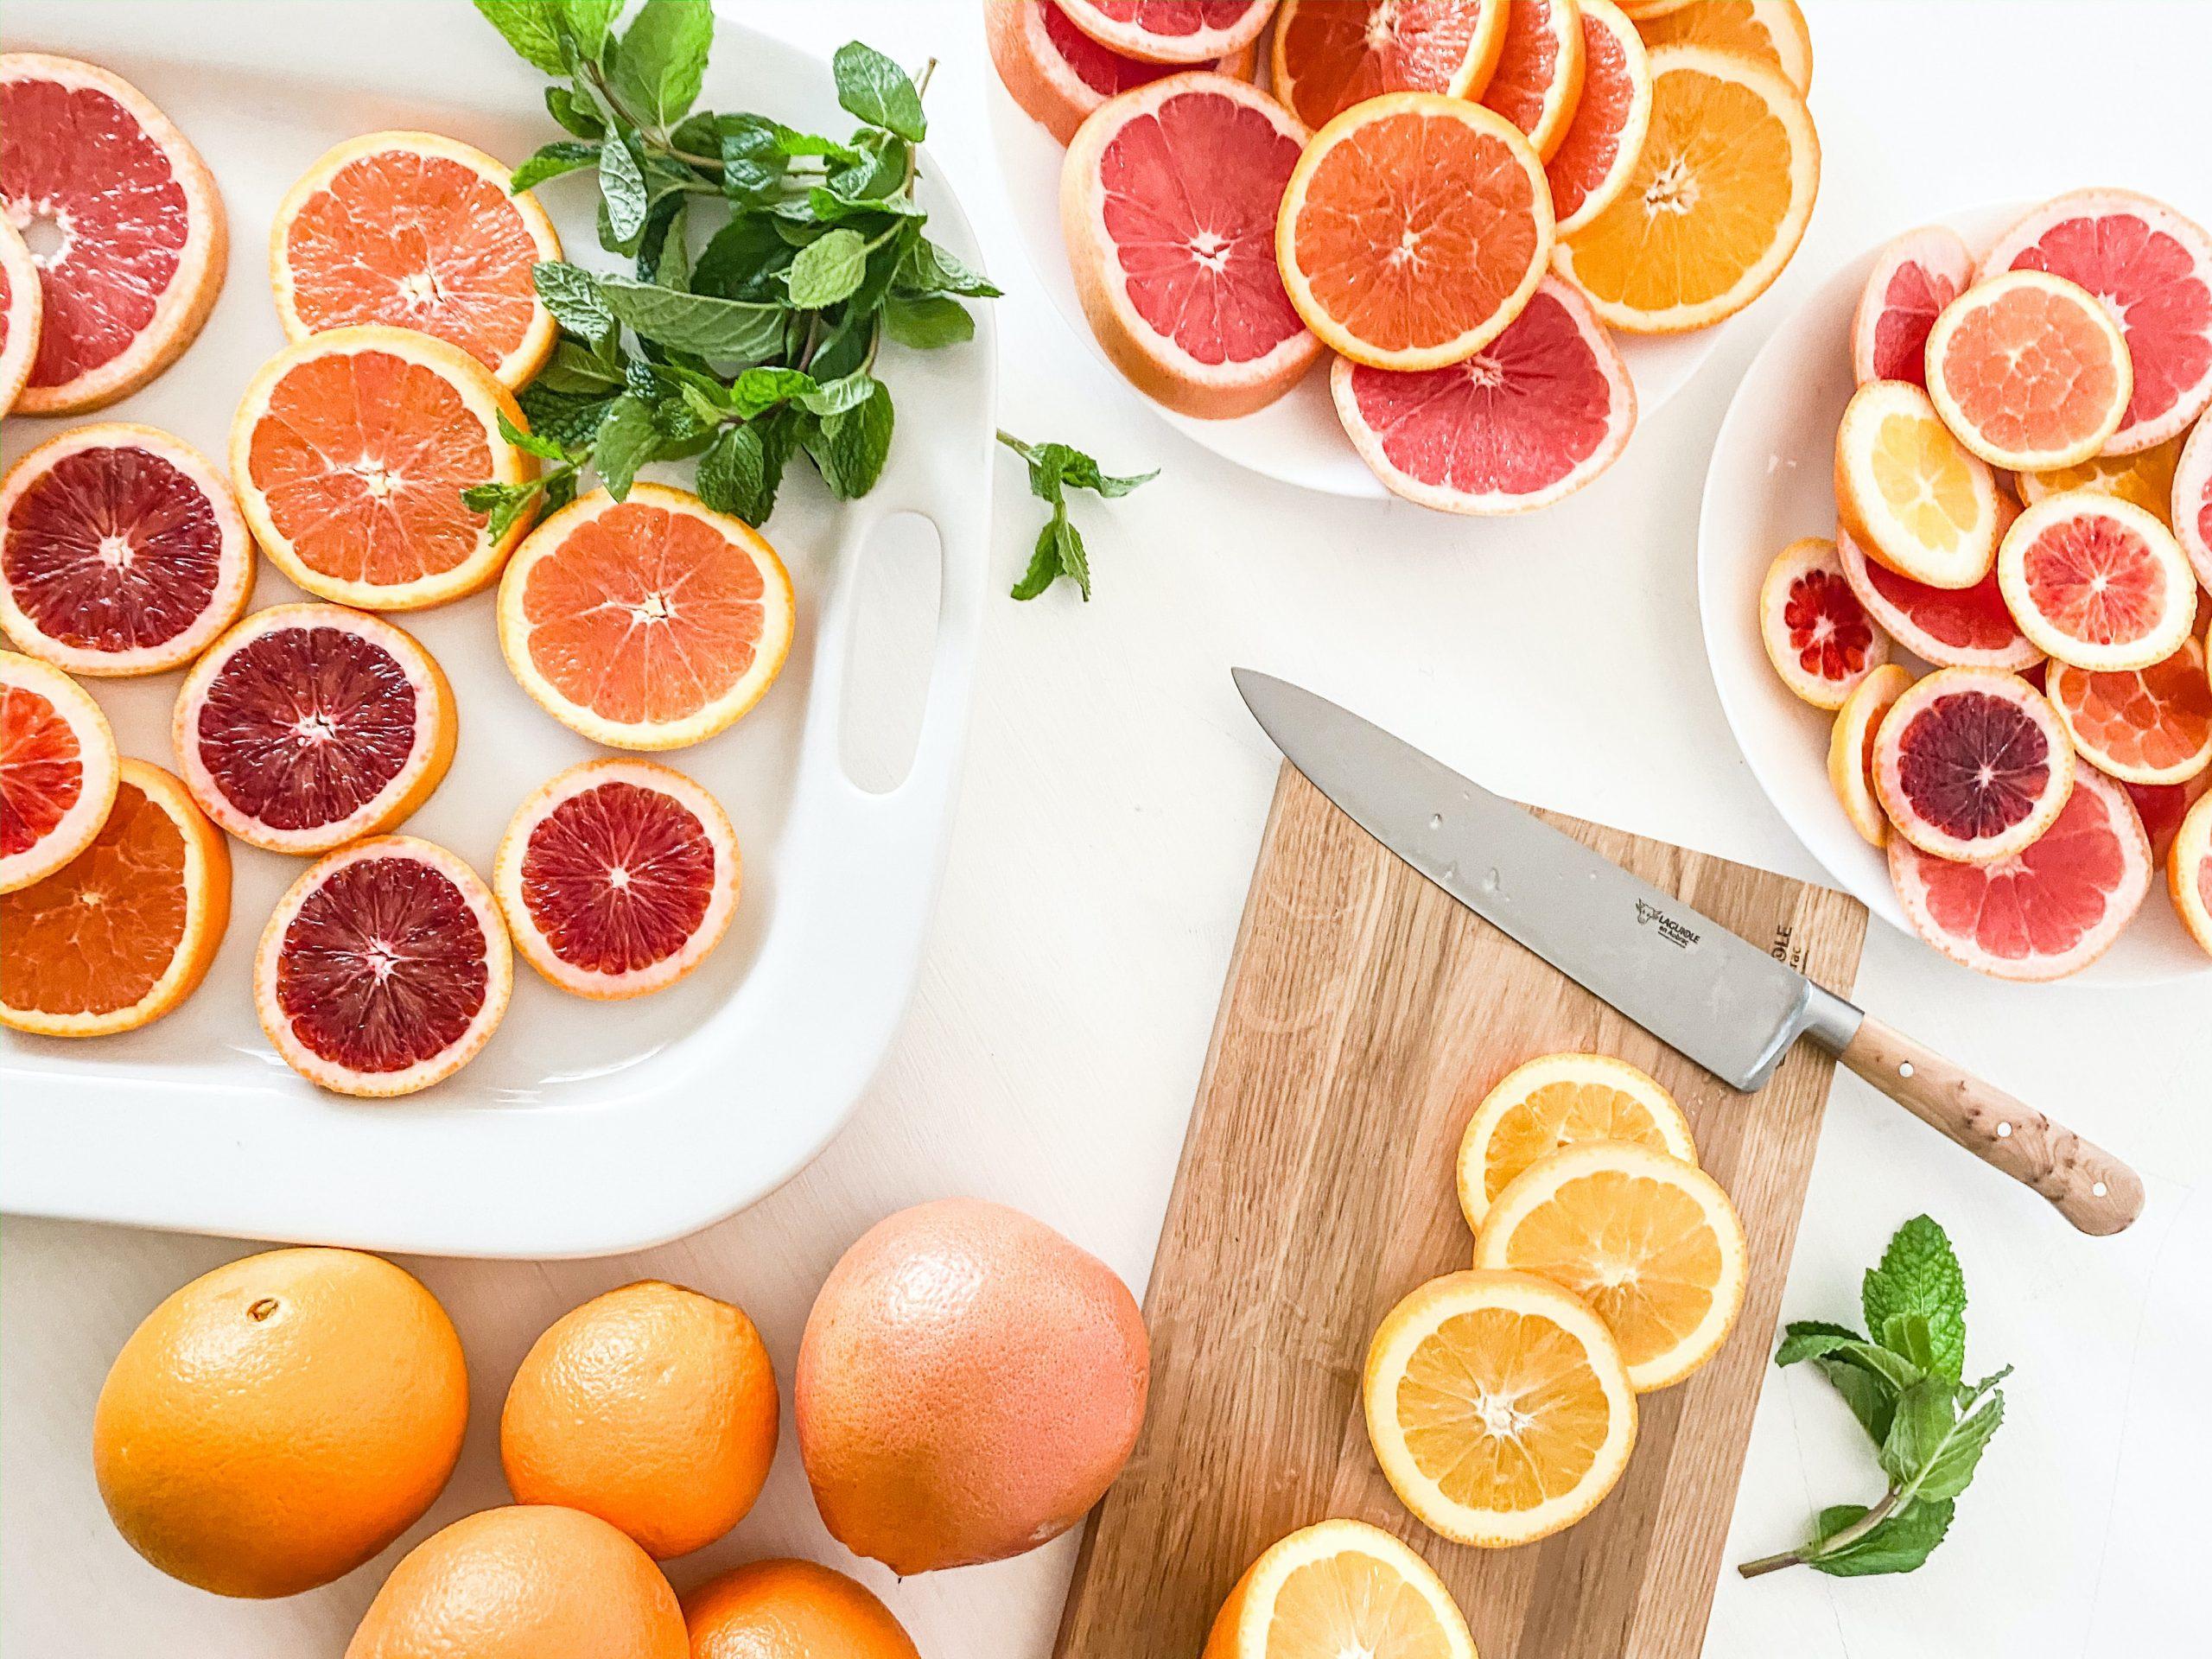 Vitamine C aliments : Quels sont les aliments les plus riches en vitamine C ?